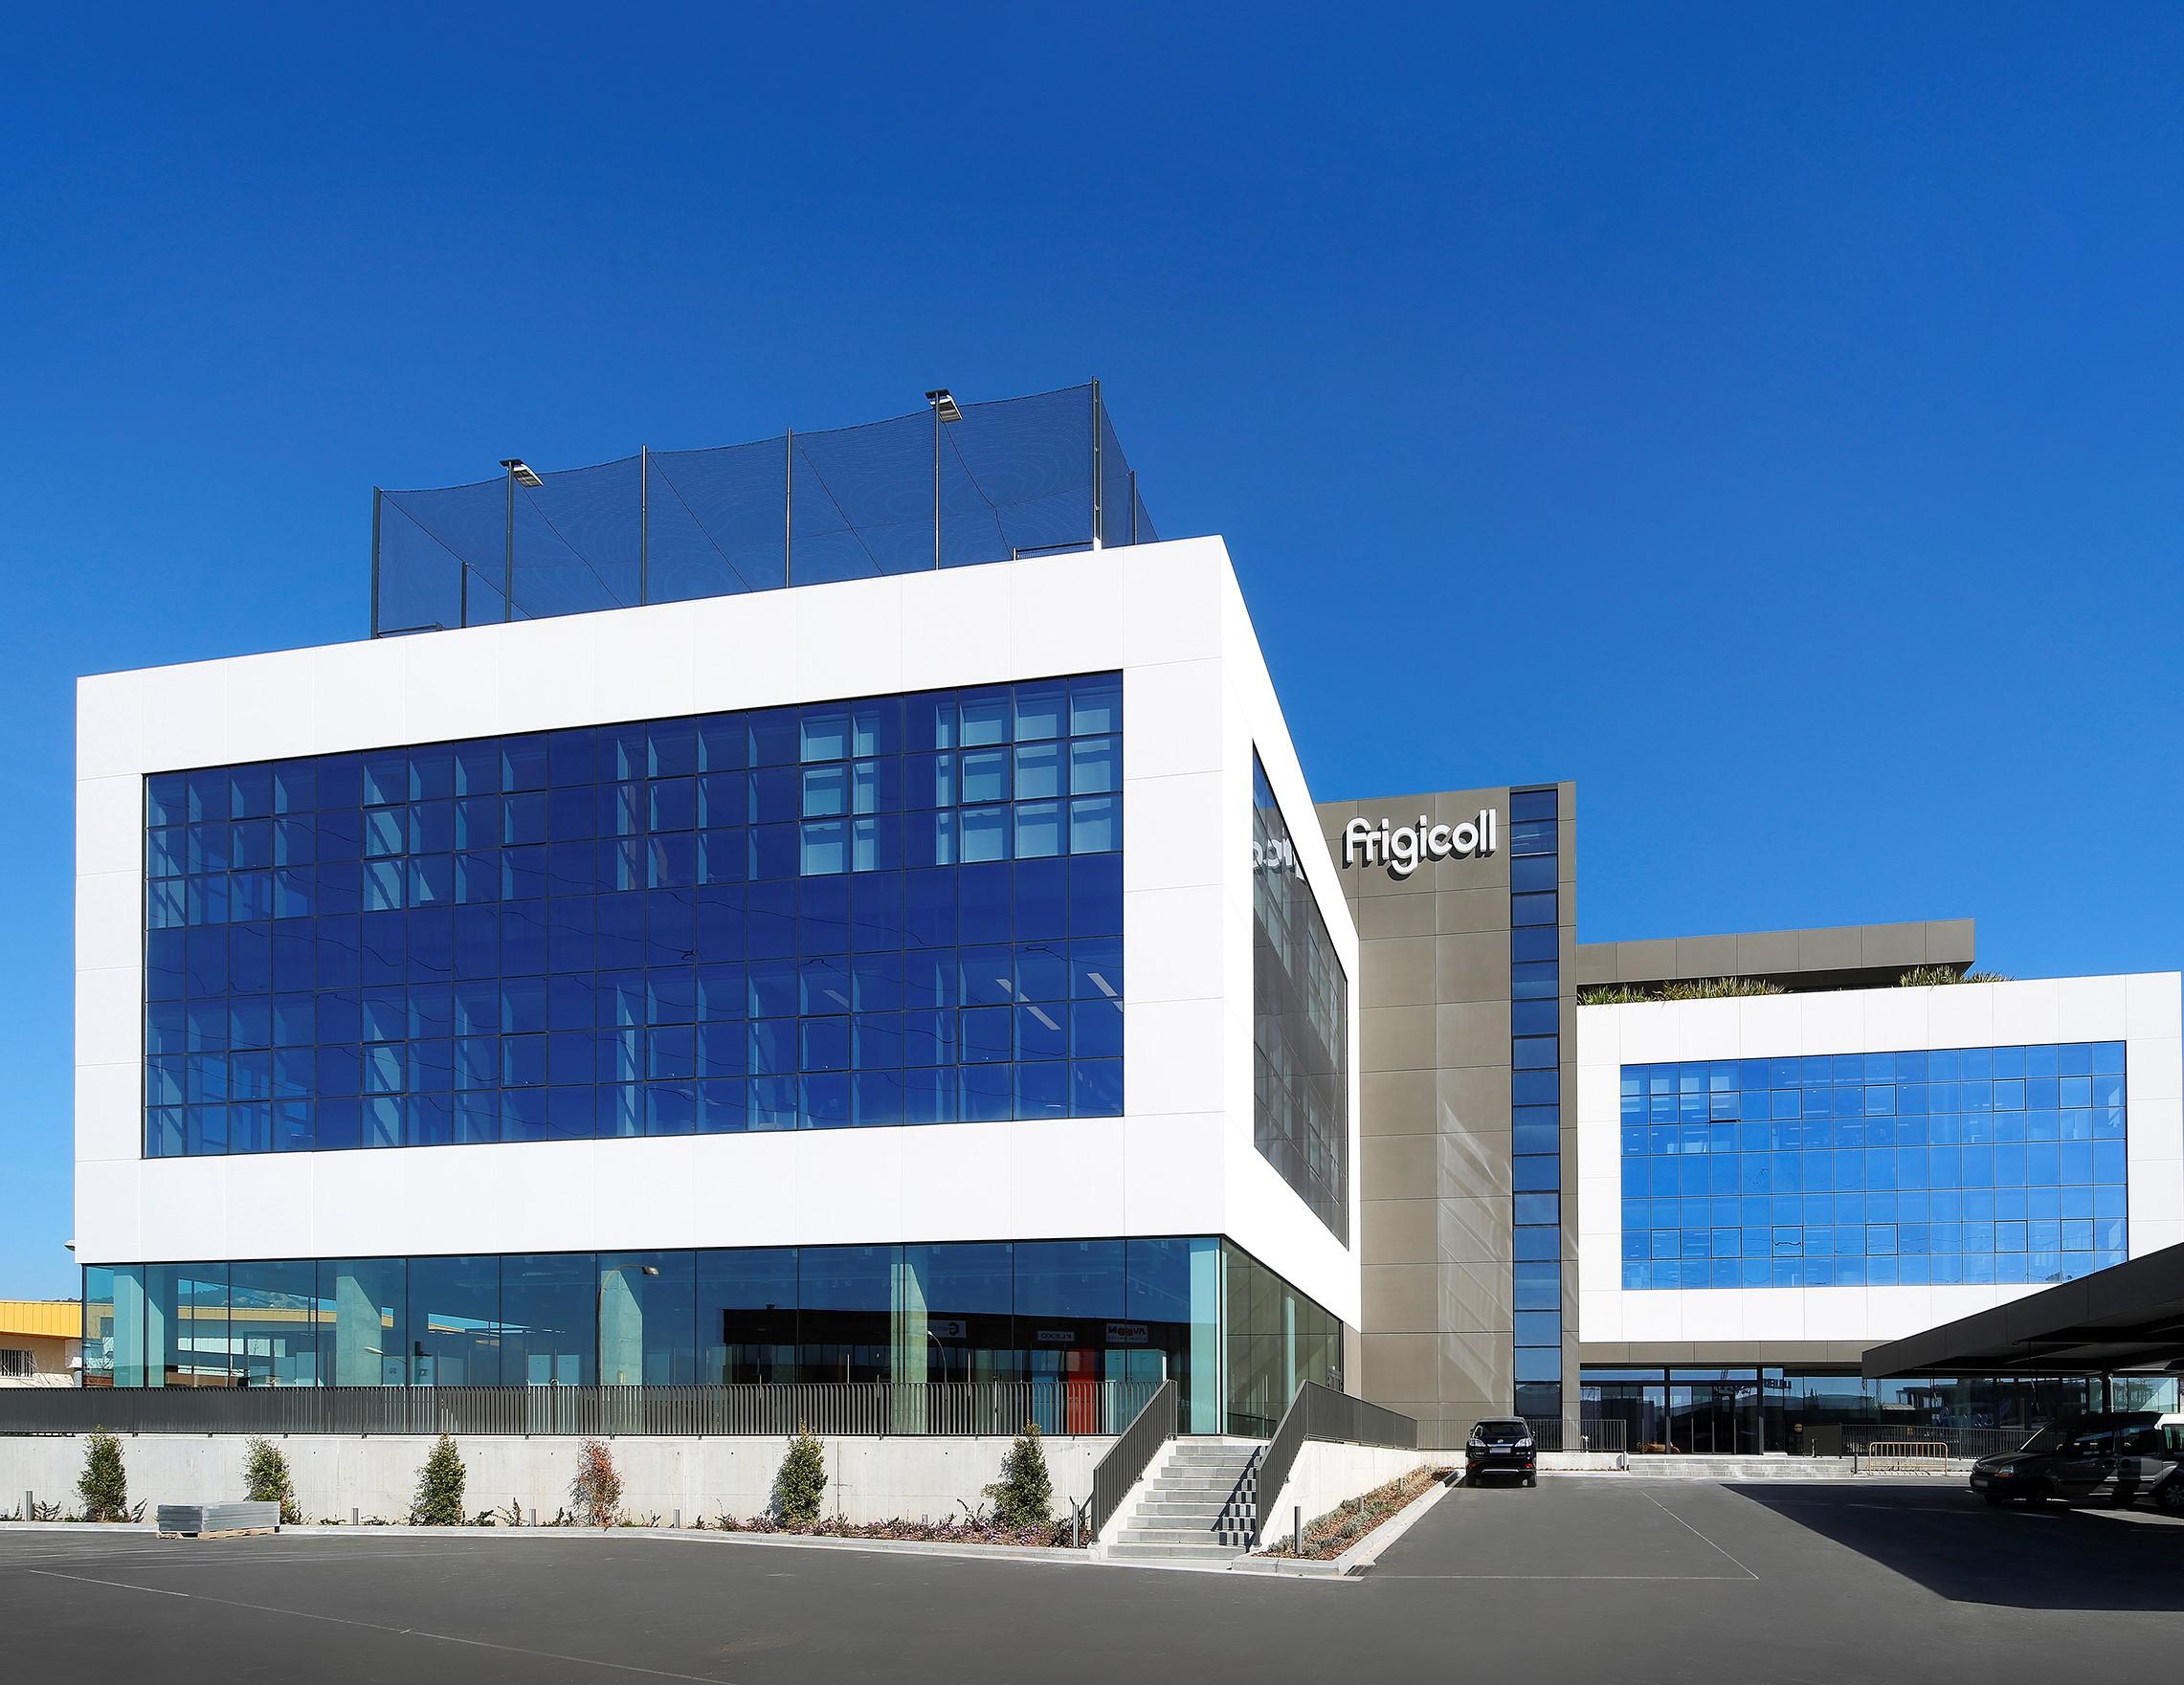 Frigicoll abre nueva filial en Francia para la distribución de equipos de aire acondicionado Midea